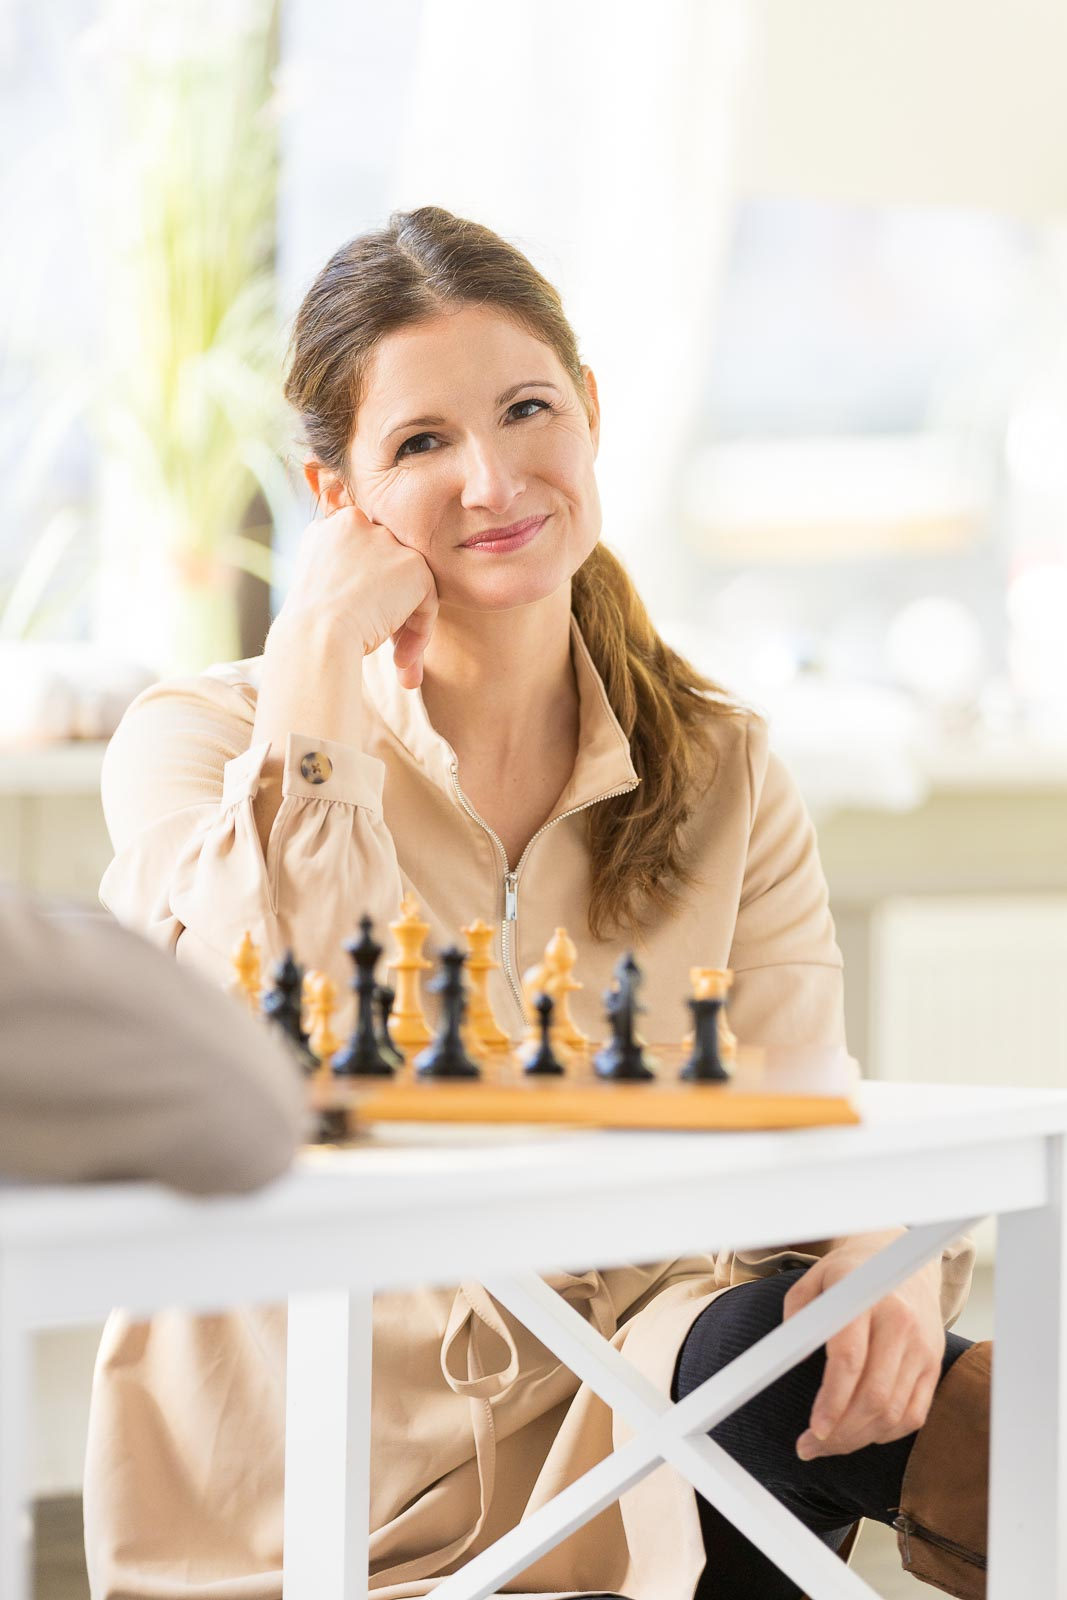 Dating-Foto einer sympathischen braunharigen Frau, die Schach spielt